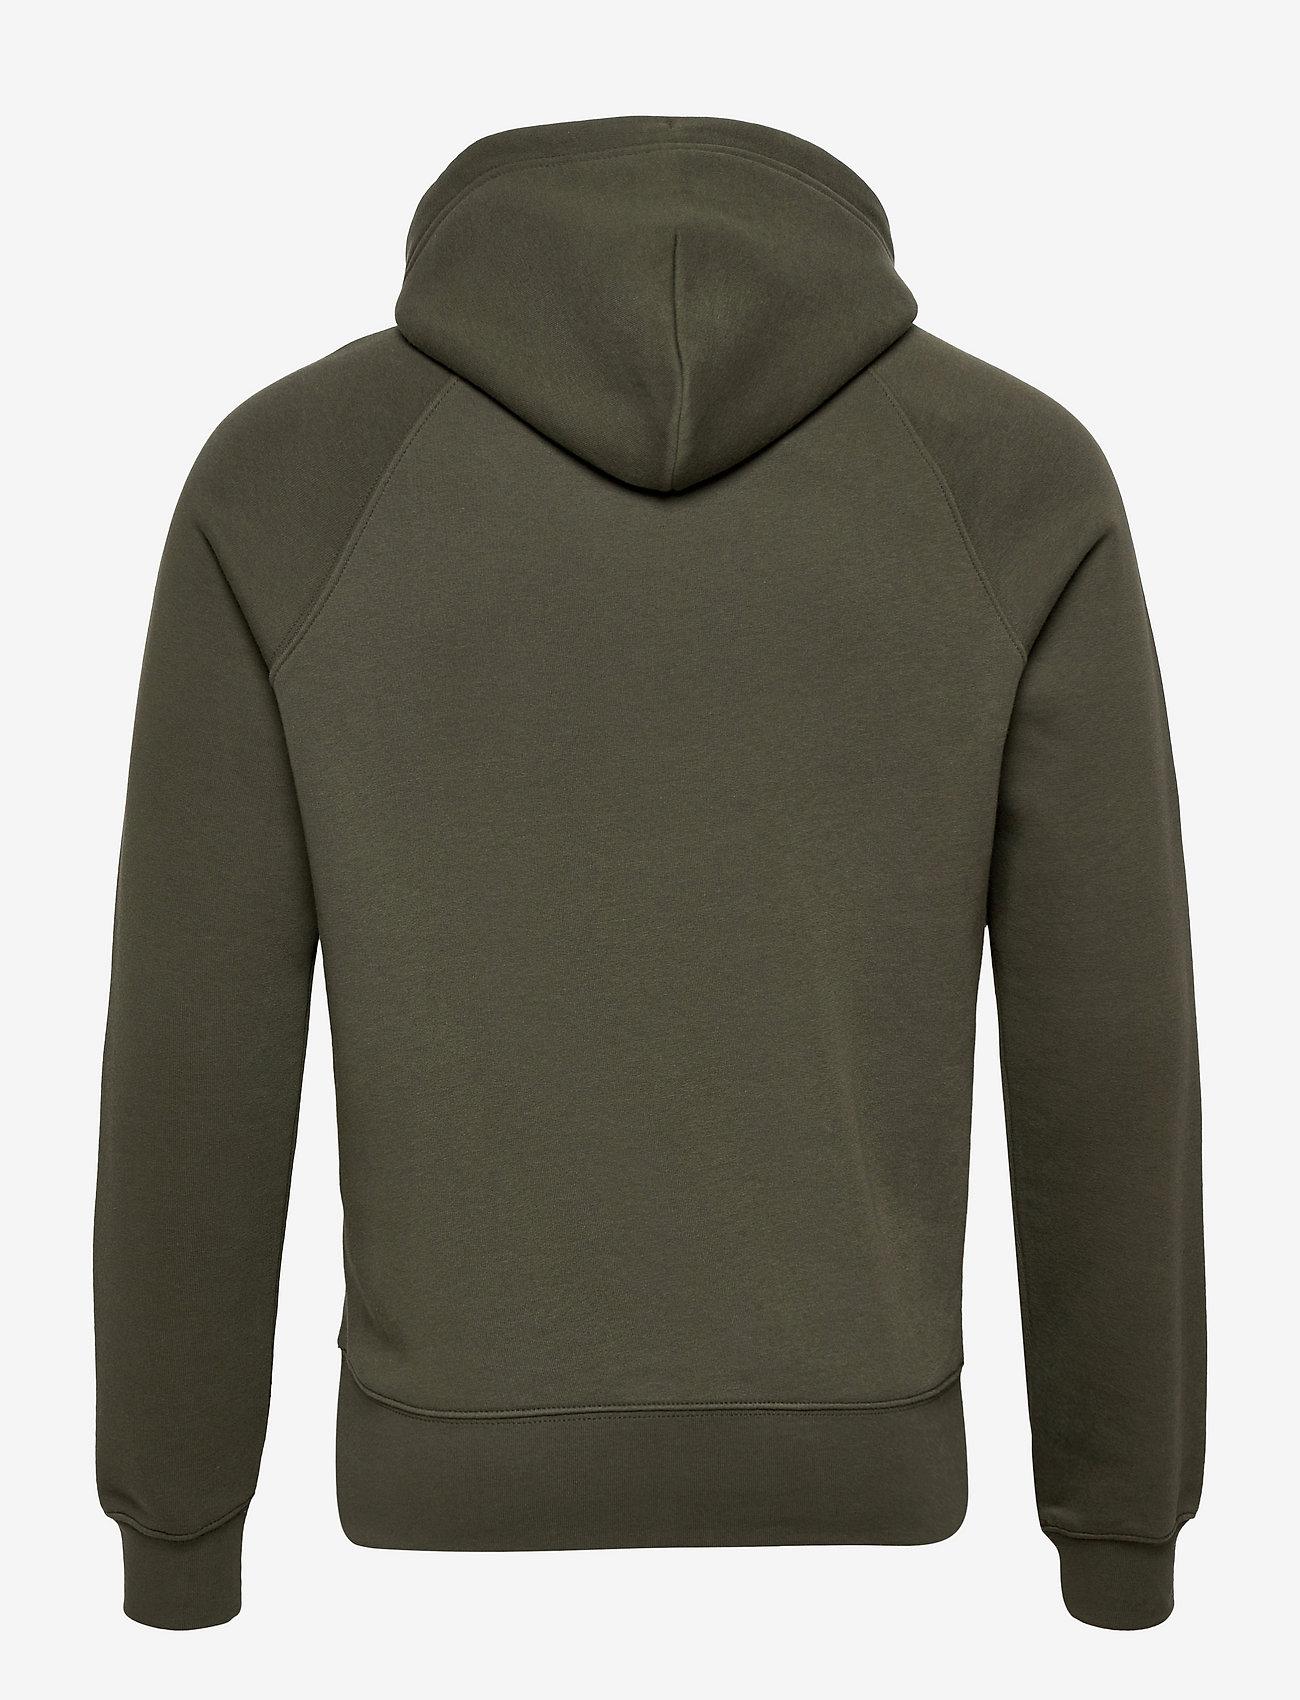 GANT - SHIELD HOODIE - hoodies - thyme green - 1